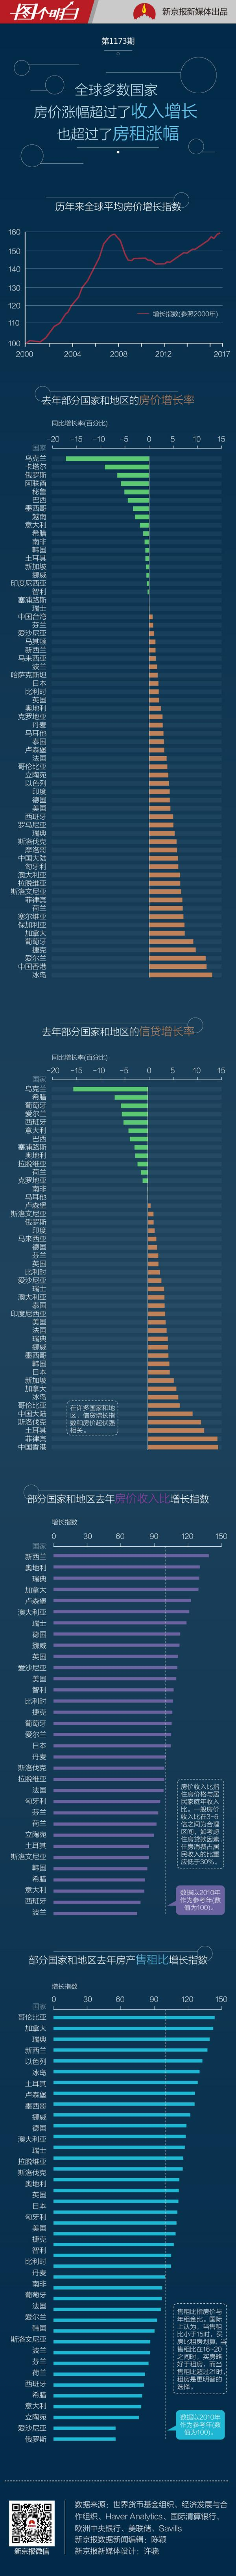 租房还是买房?全球超半数国家房价涨得比房租快租房买房房租